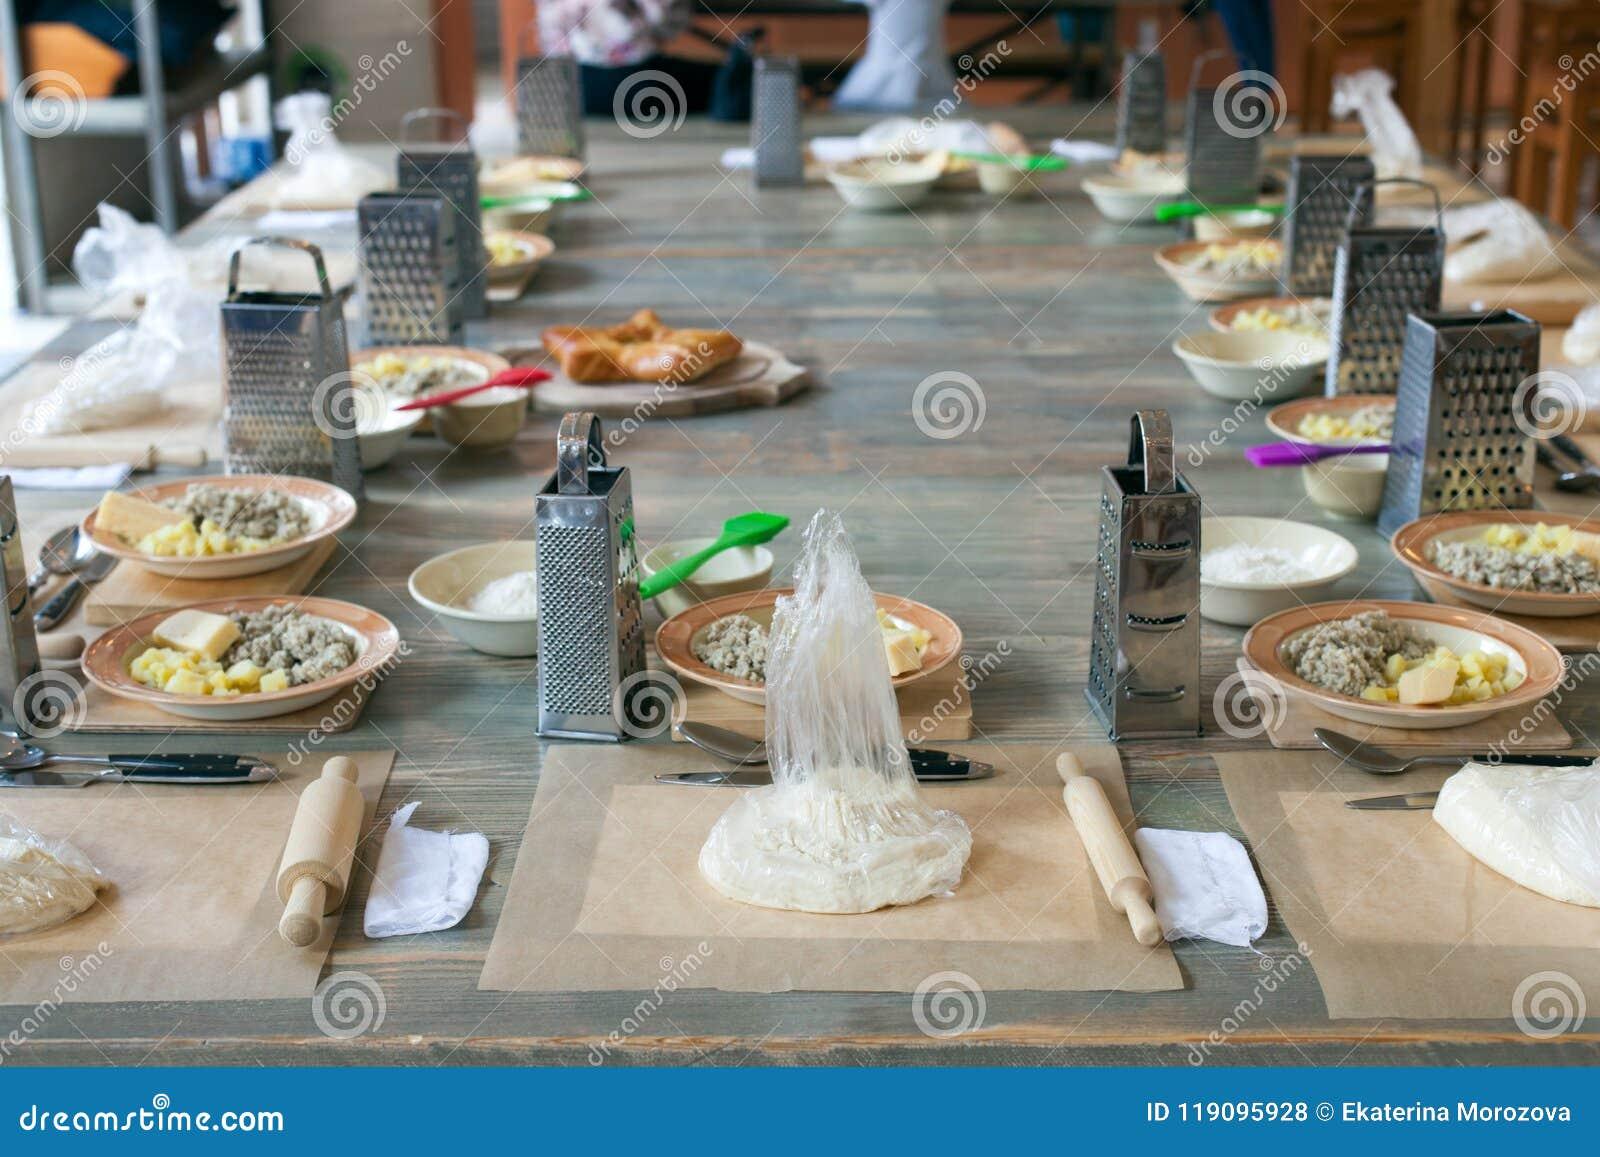 Clase de cocina, culinaria concepto de la comida y de la gente, mesa que consigue lista para el trabajo